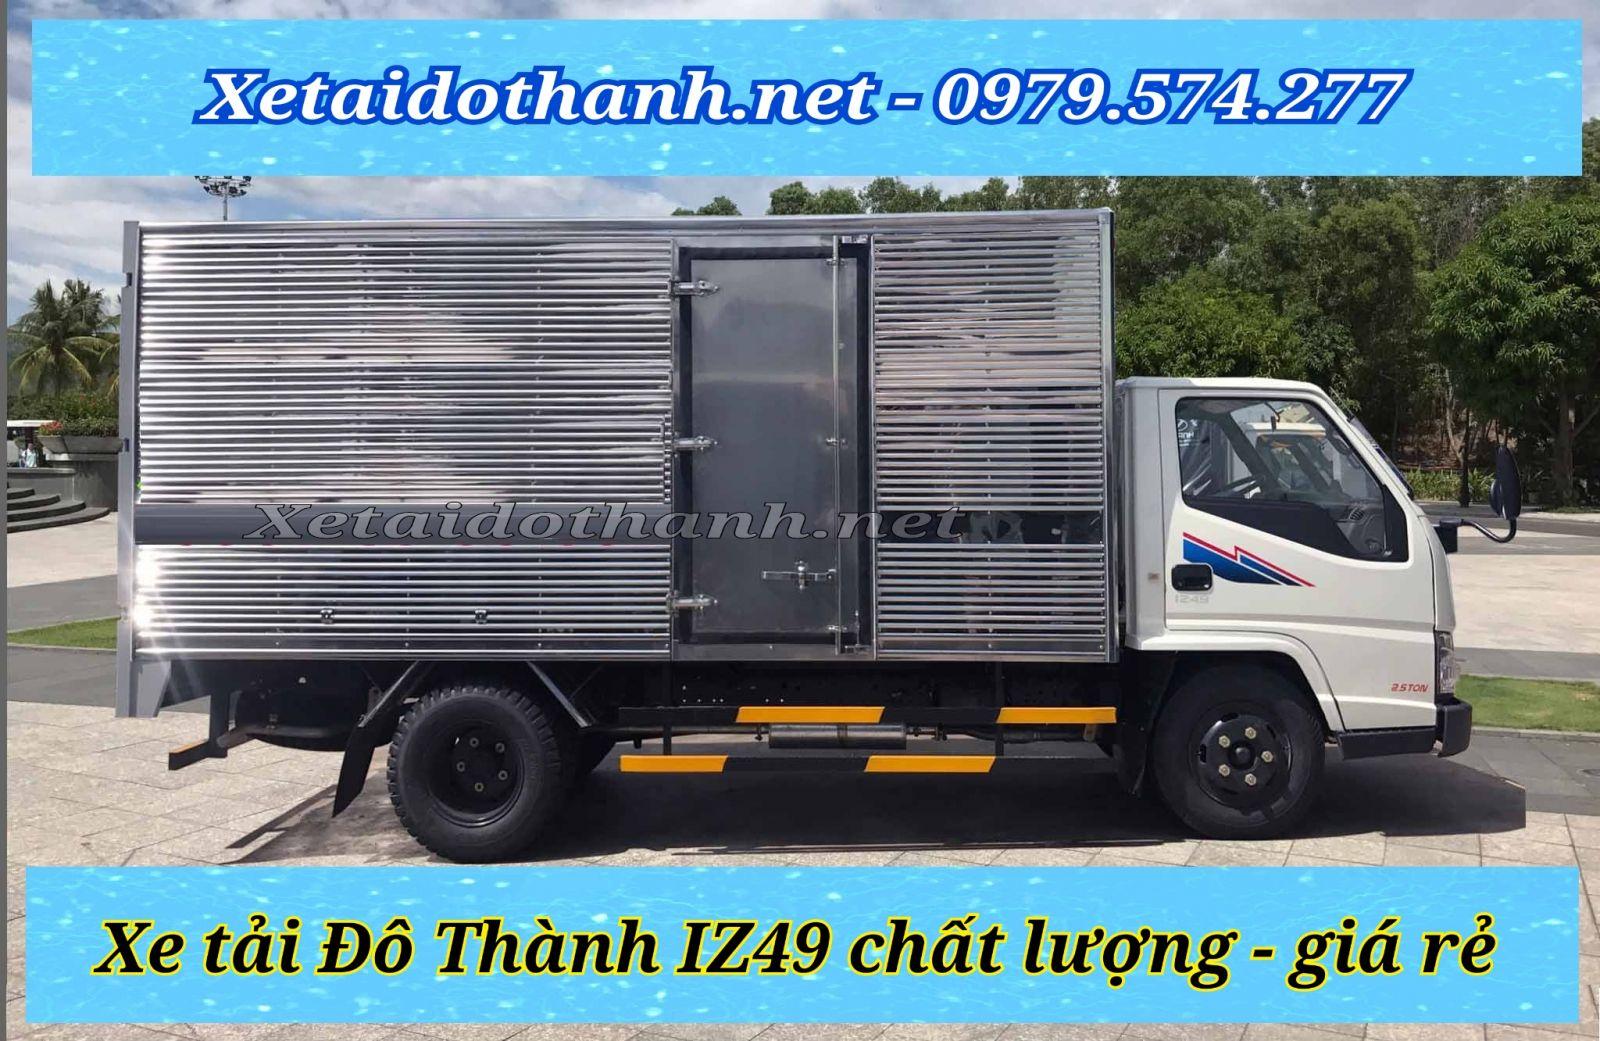 Xe tải Đô Thành IZ49 chất lượng, giá rẻ